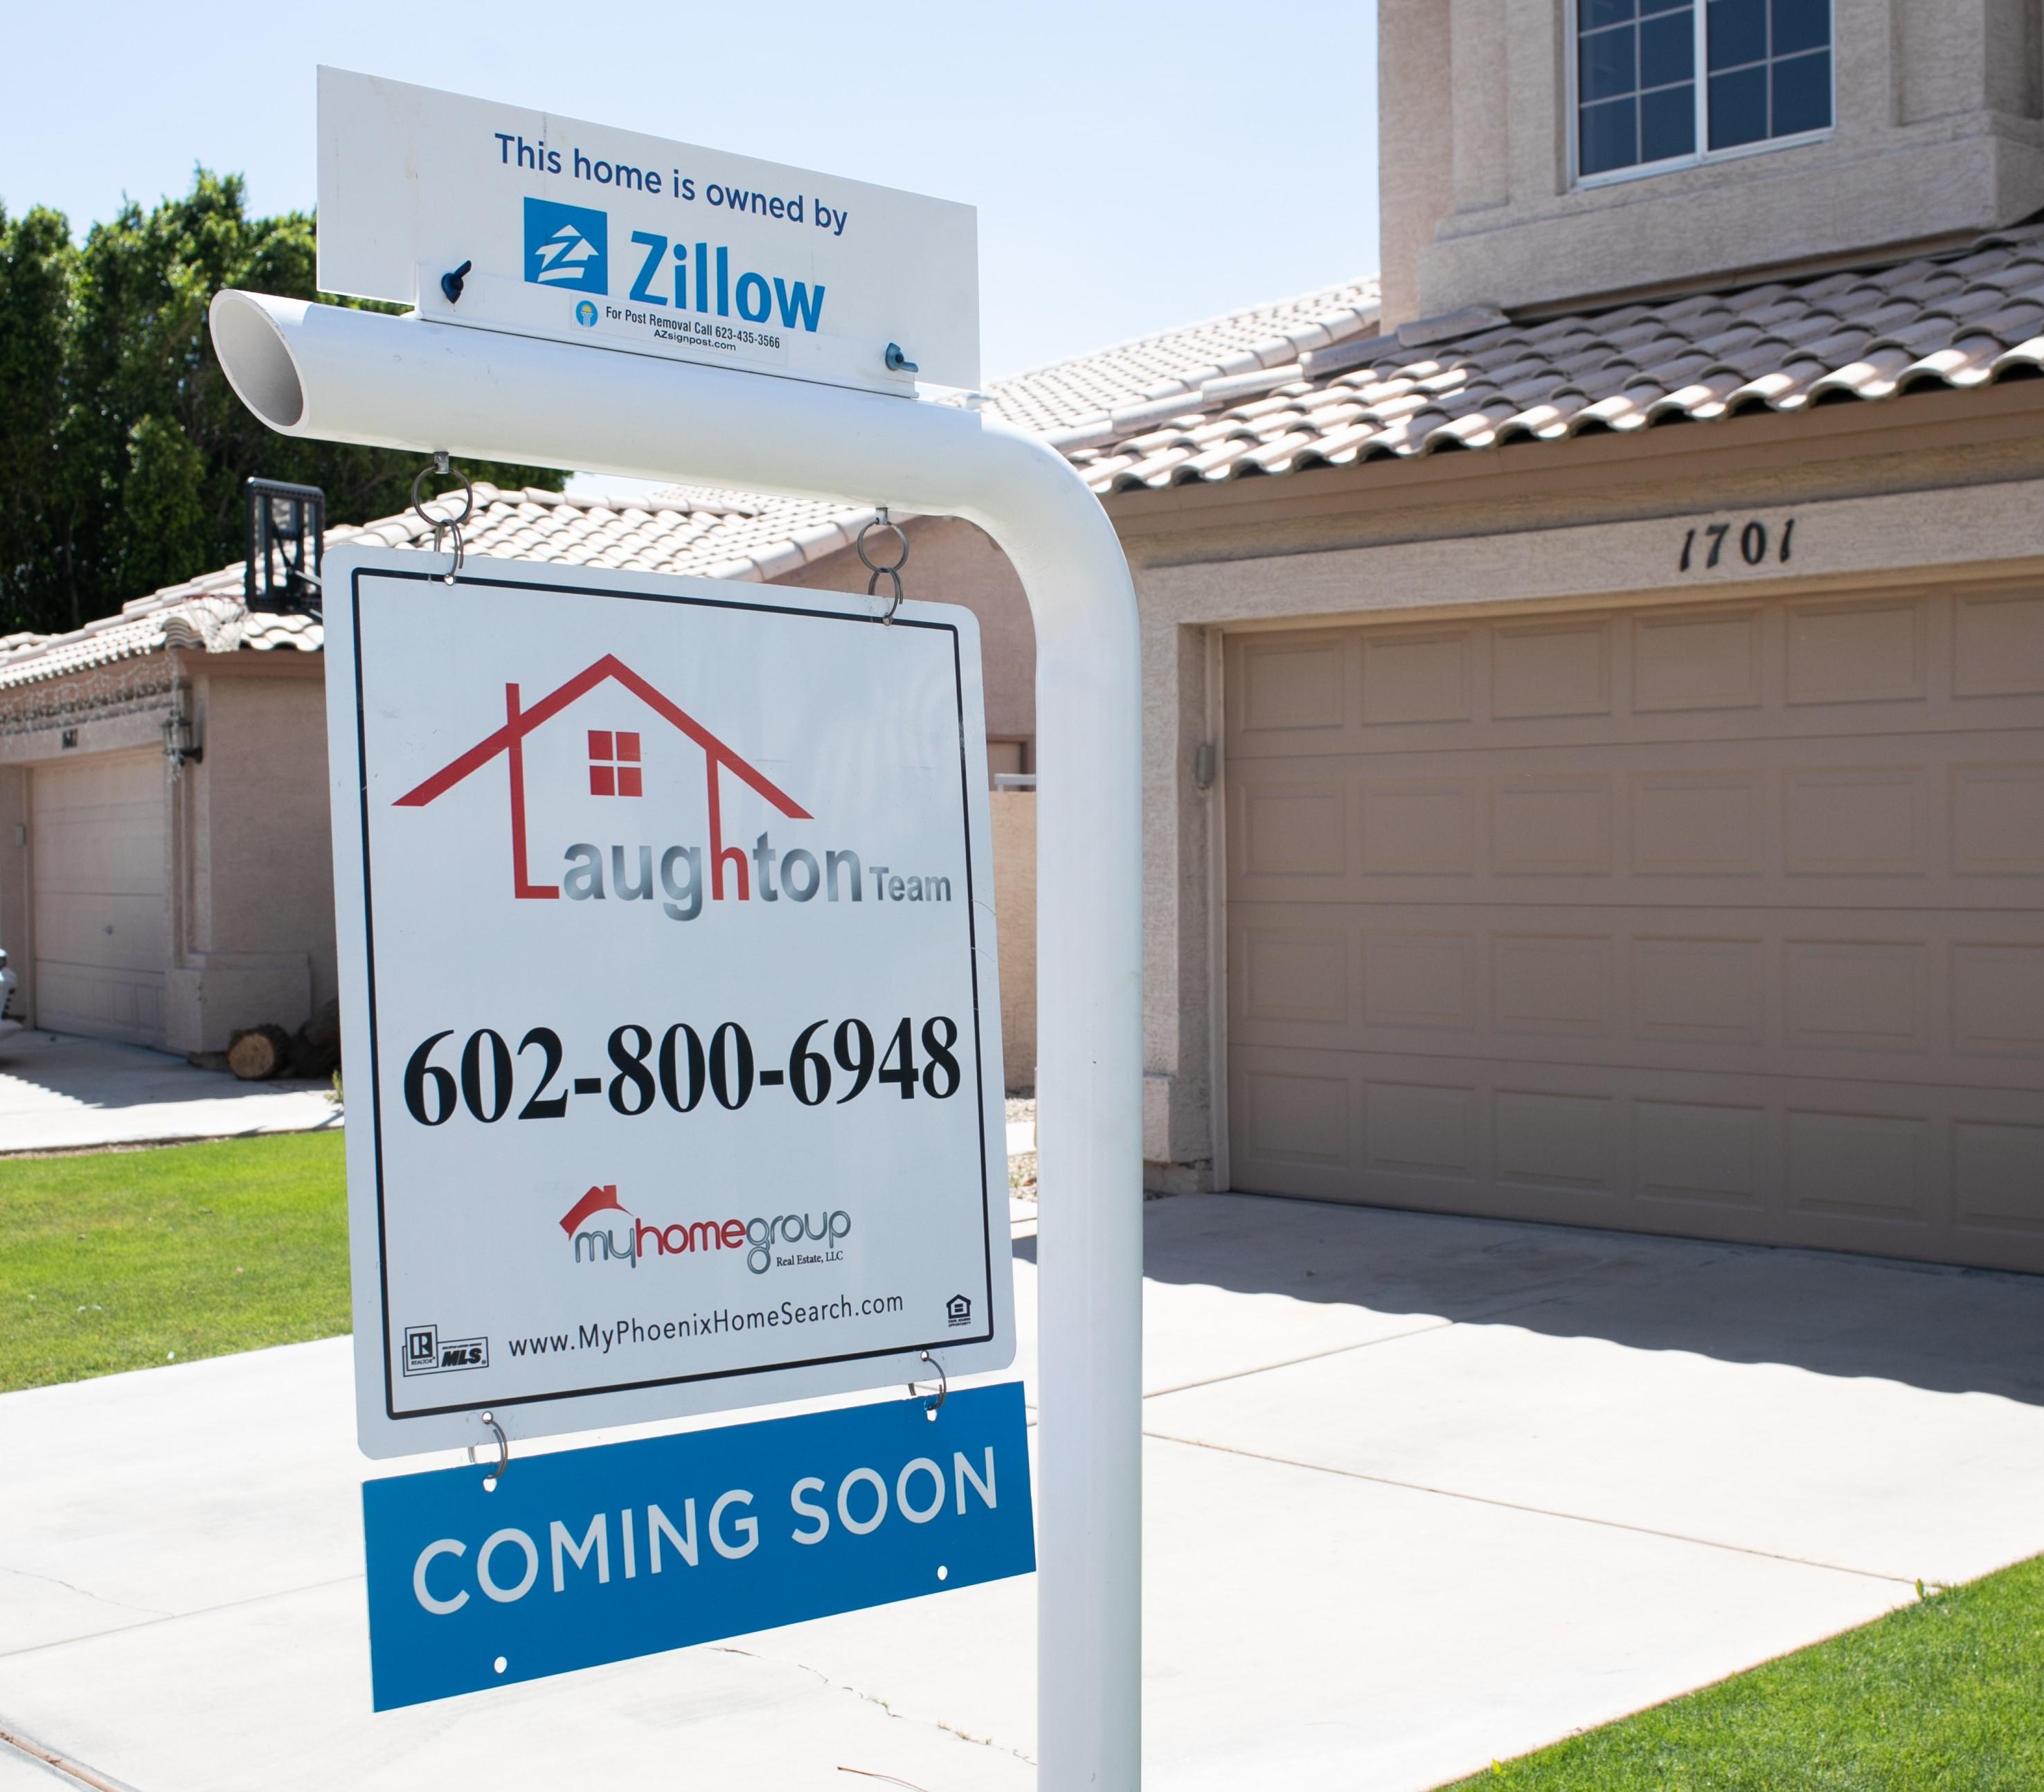 房地產網站Zillow擴大業務後推出新服務,公司為有意放盤的業主估價後,可以直接以現金購下房屋。Zillow圖片